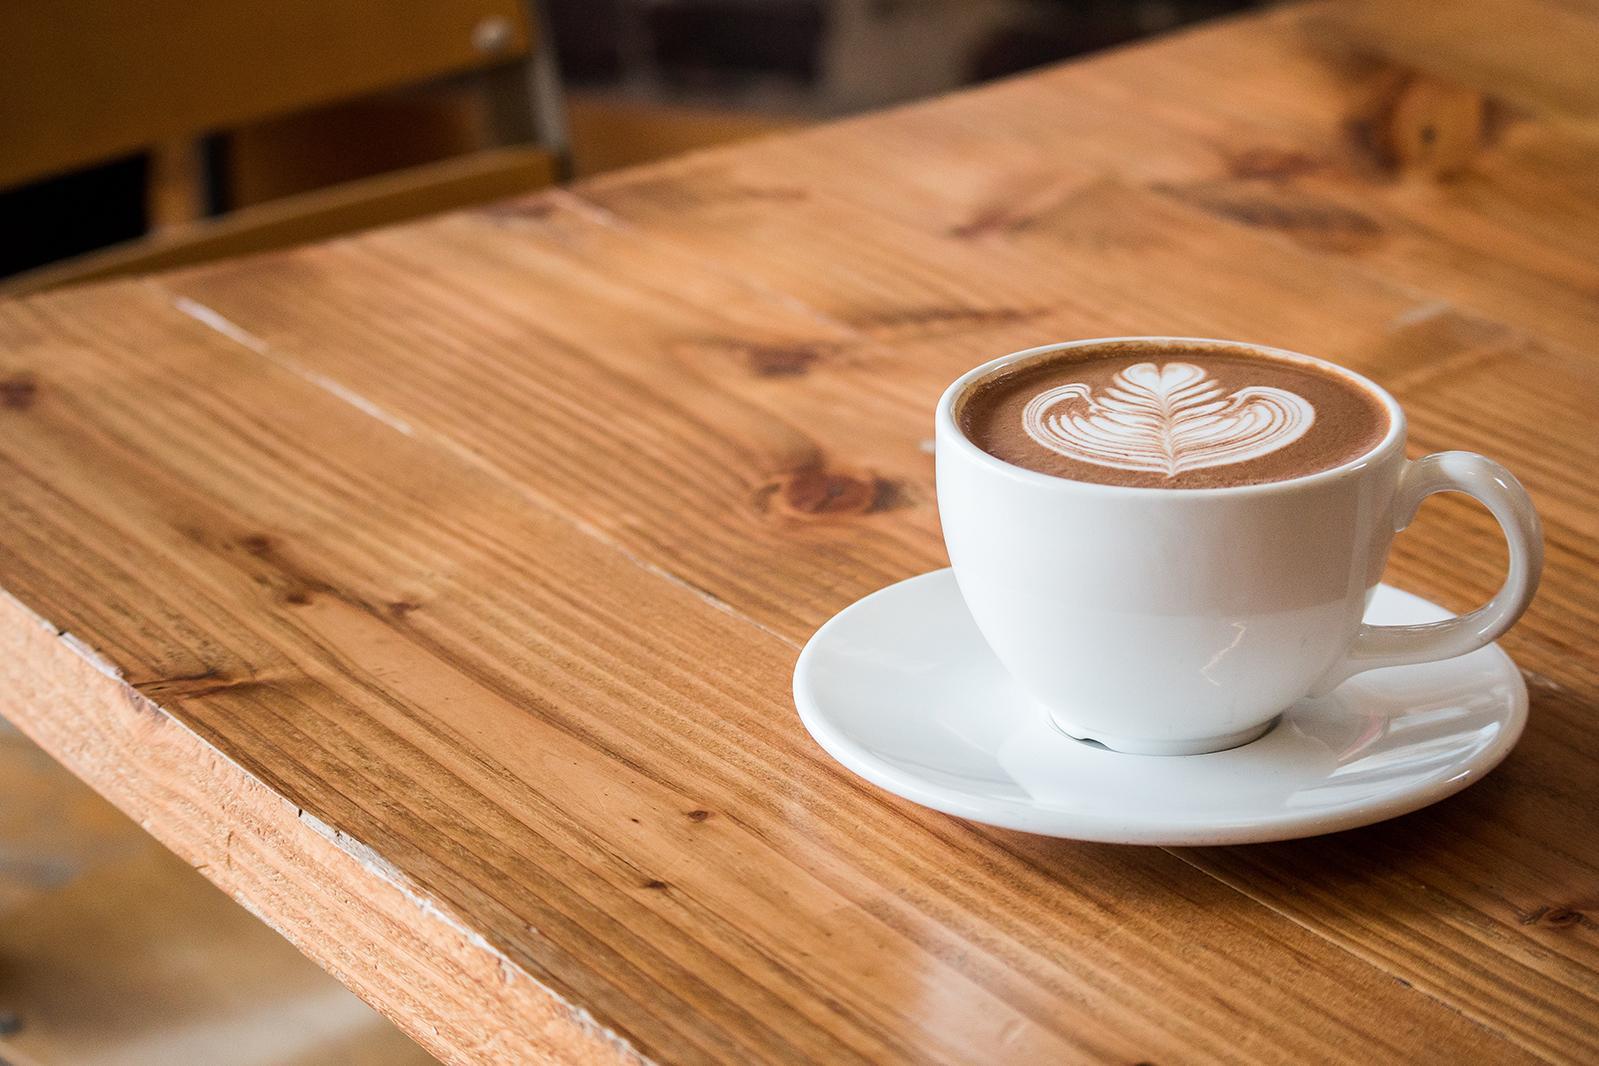 Kaffeezeit in Kroatien: Die Kunst, auf dalmatinische Art Kaffee zu trinken